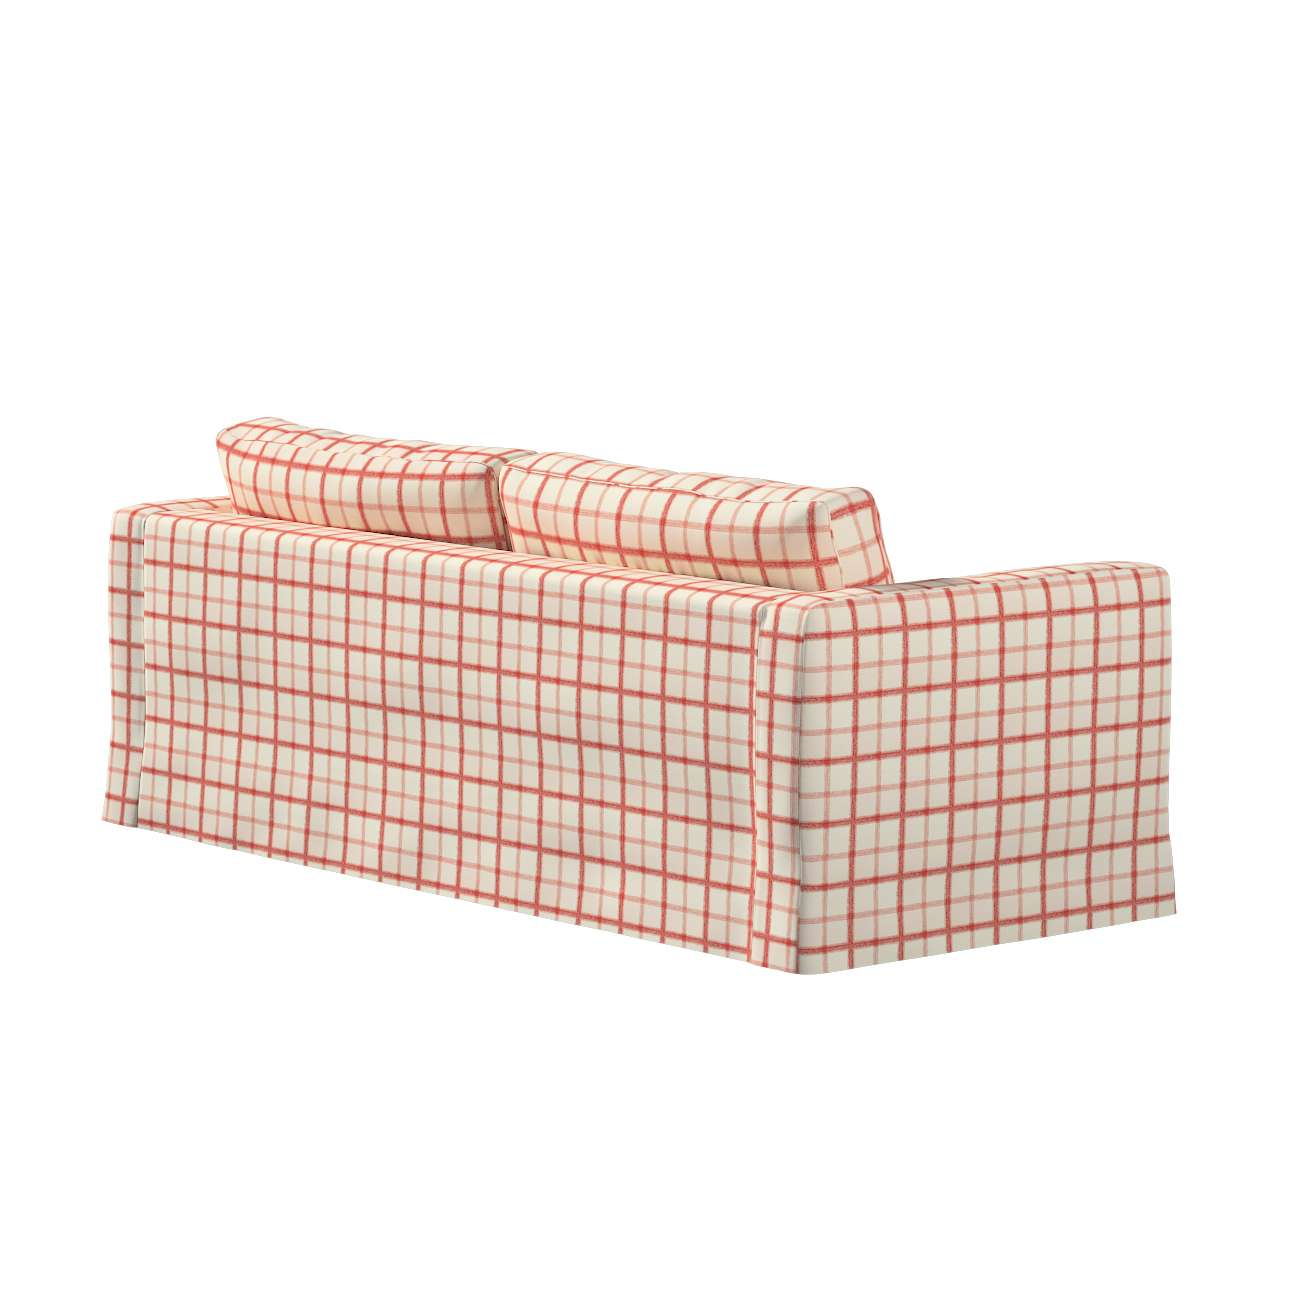 Karlstad klädsel 3-pers. soffa -  lång - 204cm i kollektionen Avinon, Tyg: 131-15